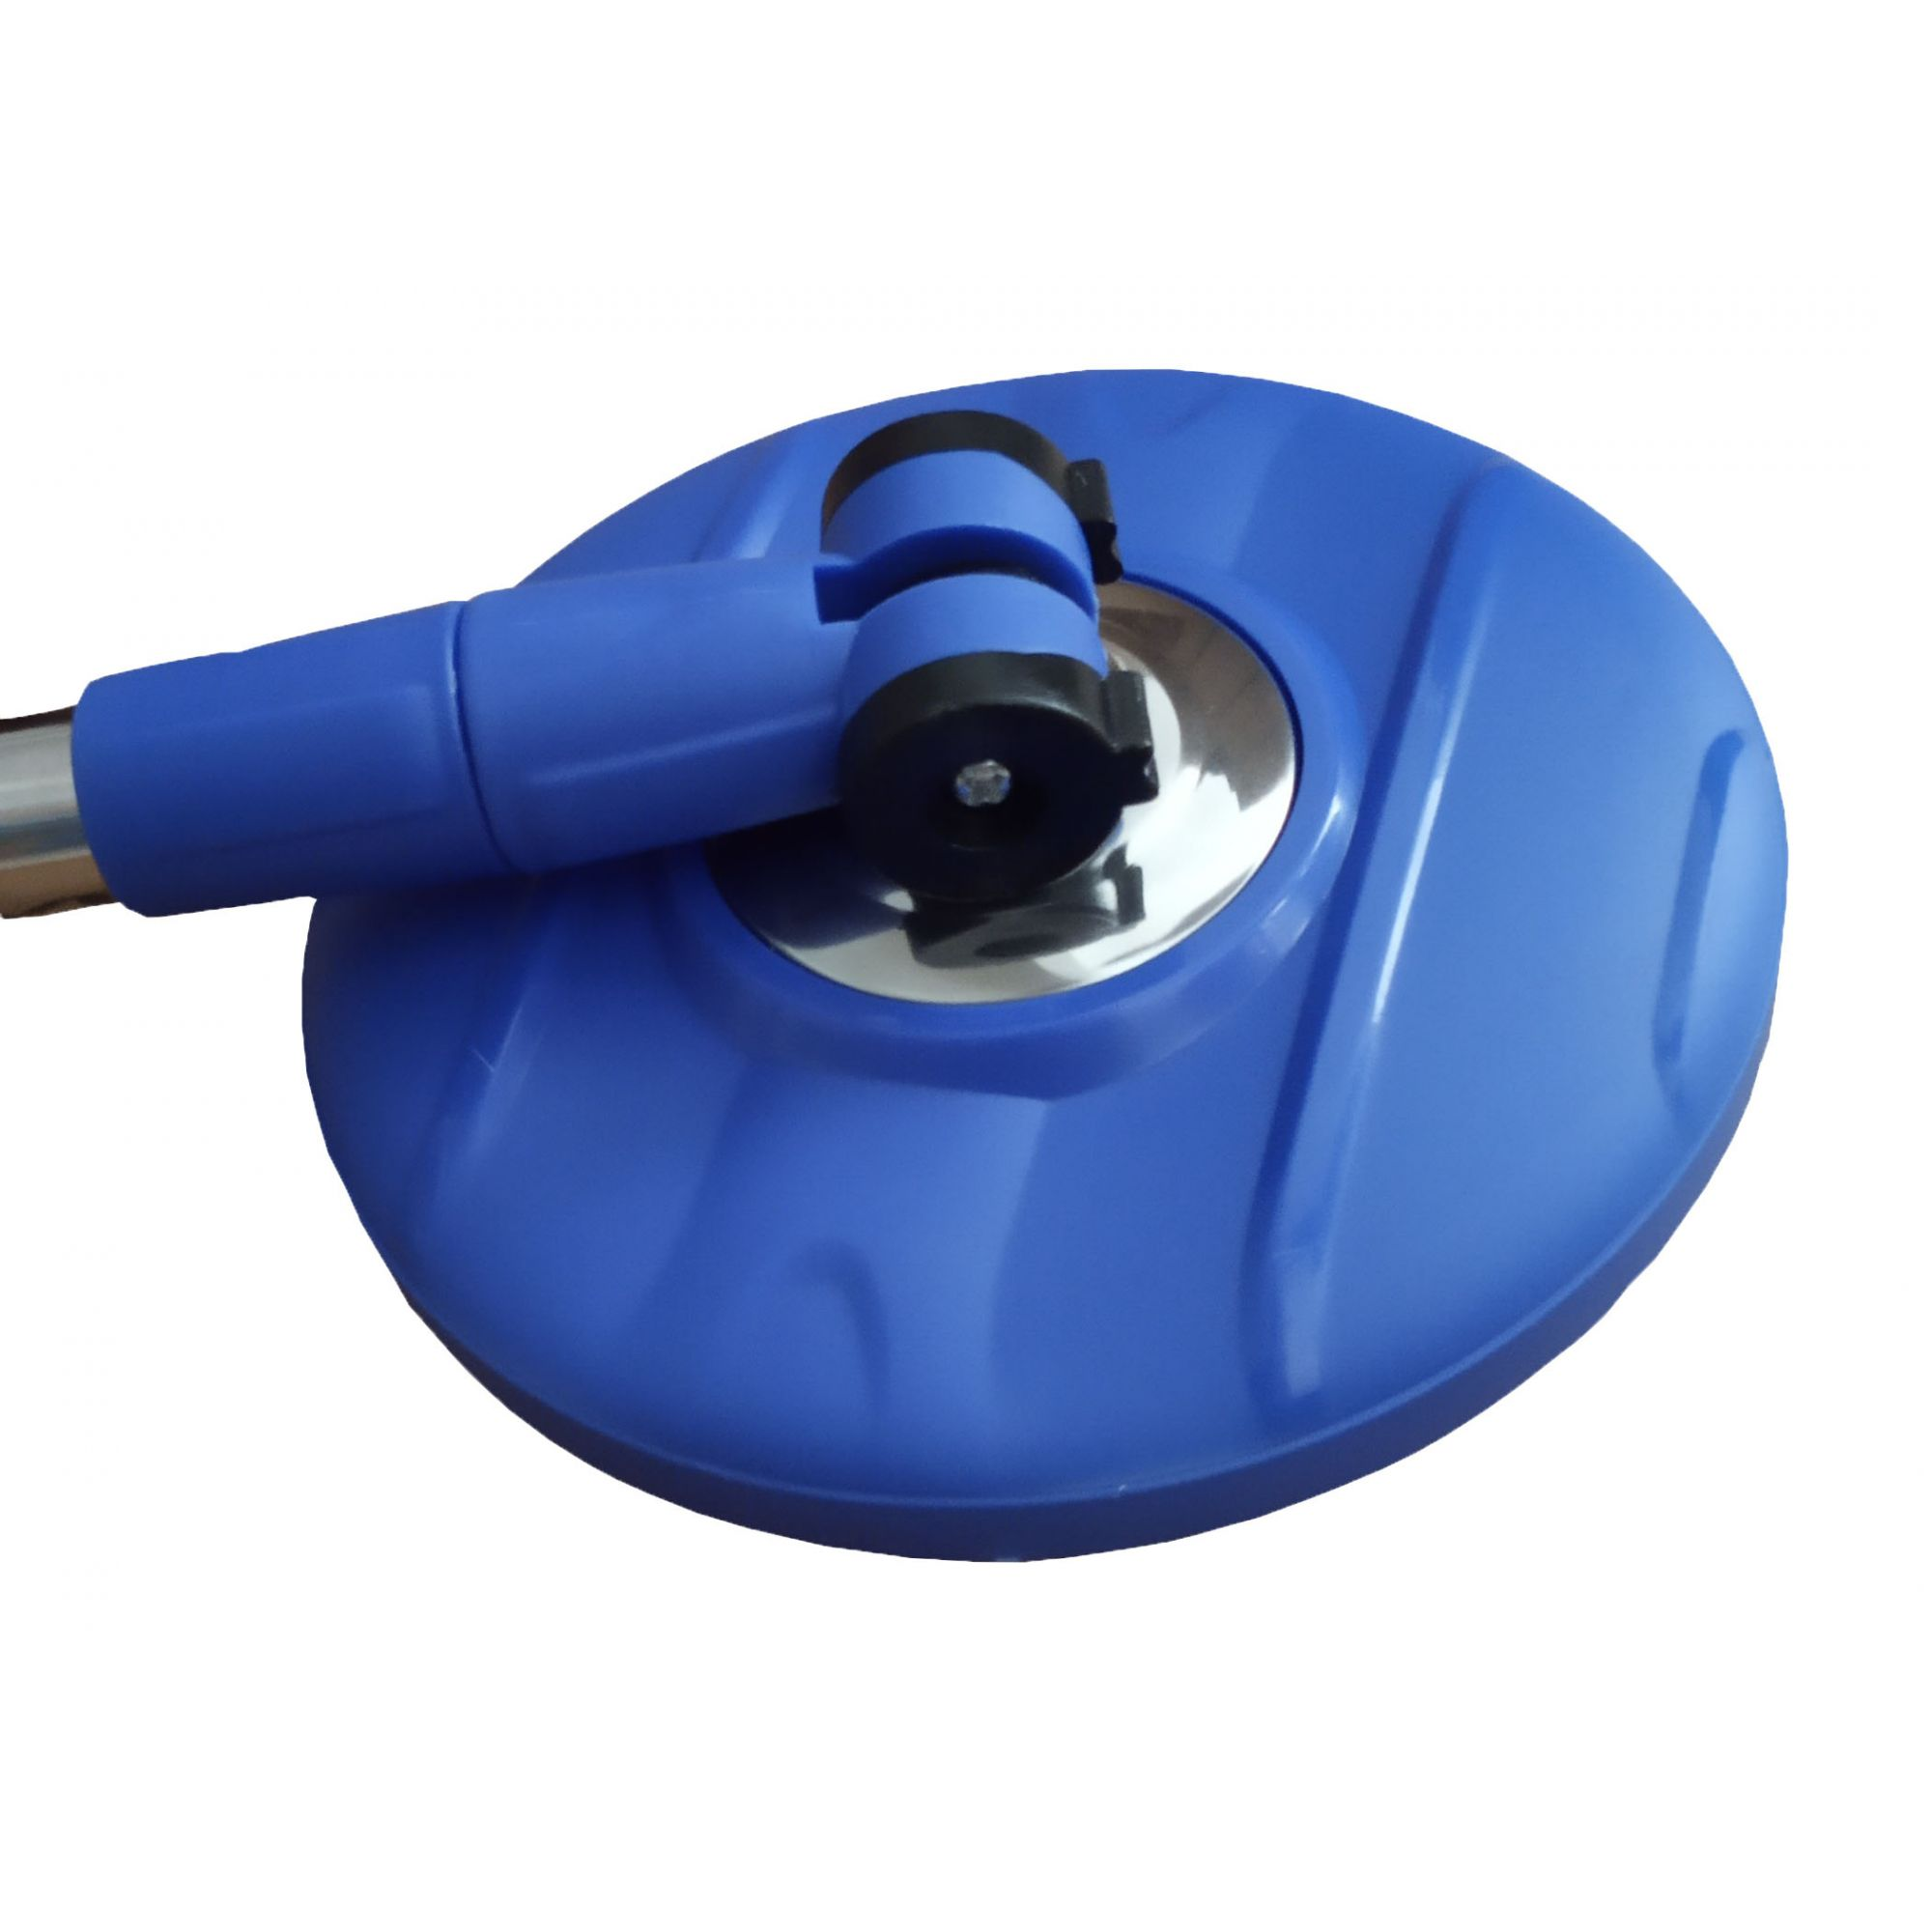 Perfect Mop 360 Cesto Inox Com 2 Refis Microfibra 1 Refil Tira pó, 1 refil escovão e Cabo 1,60 Mts